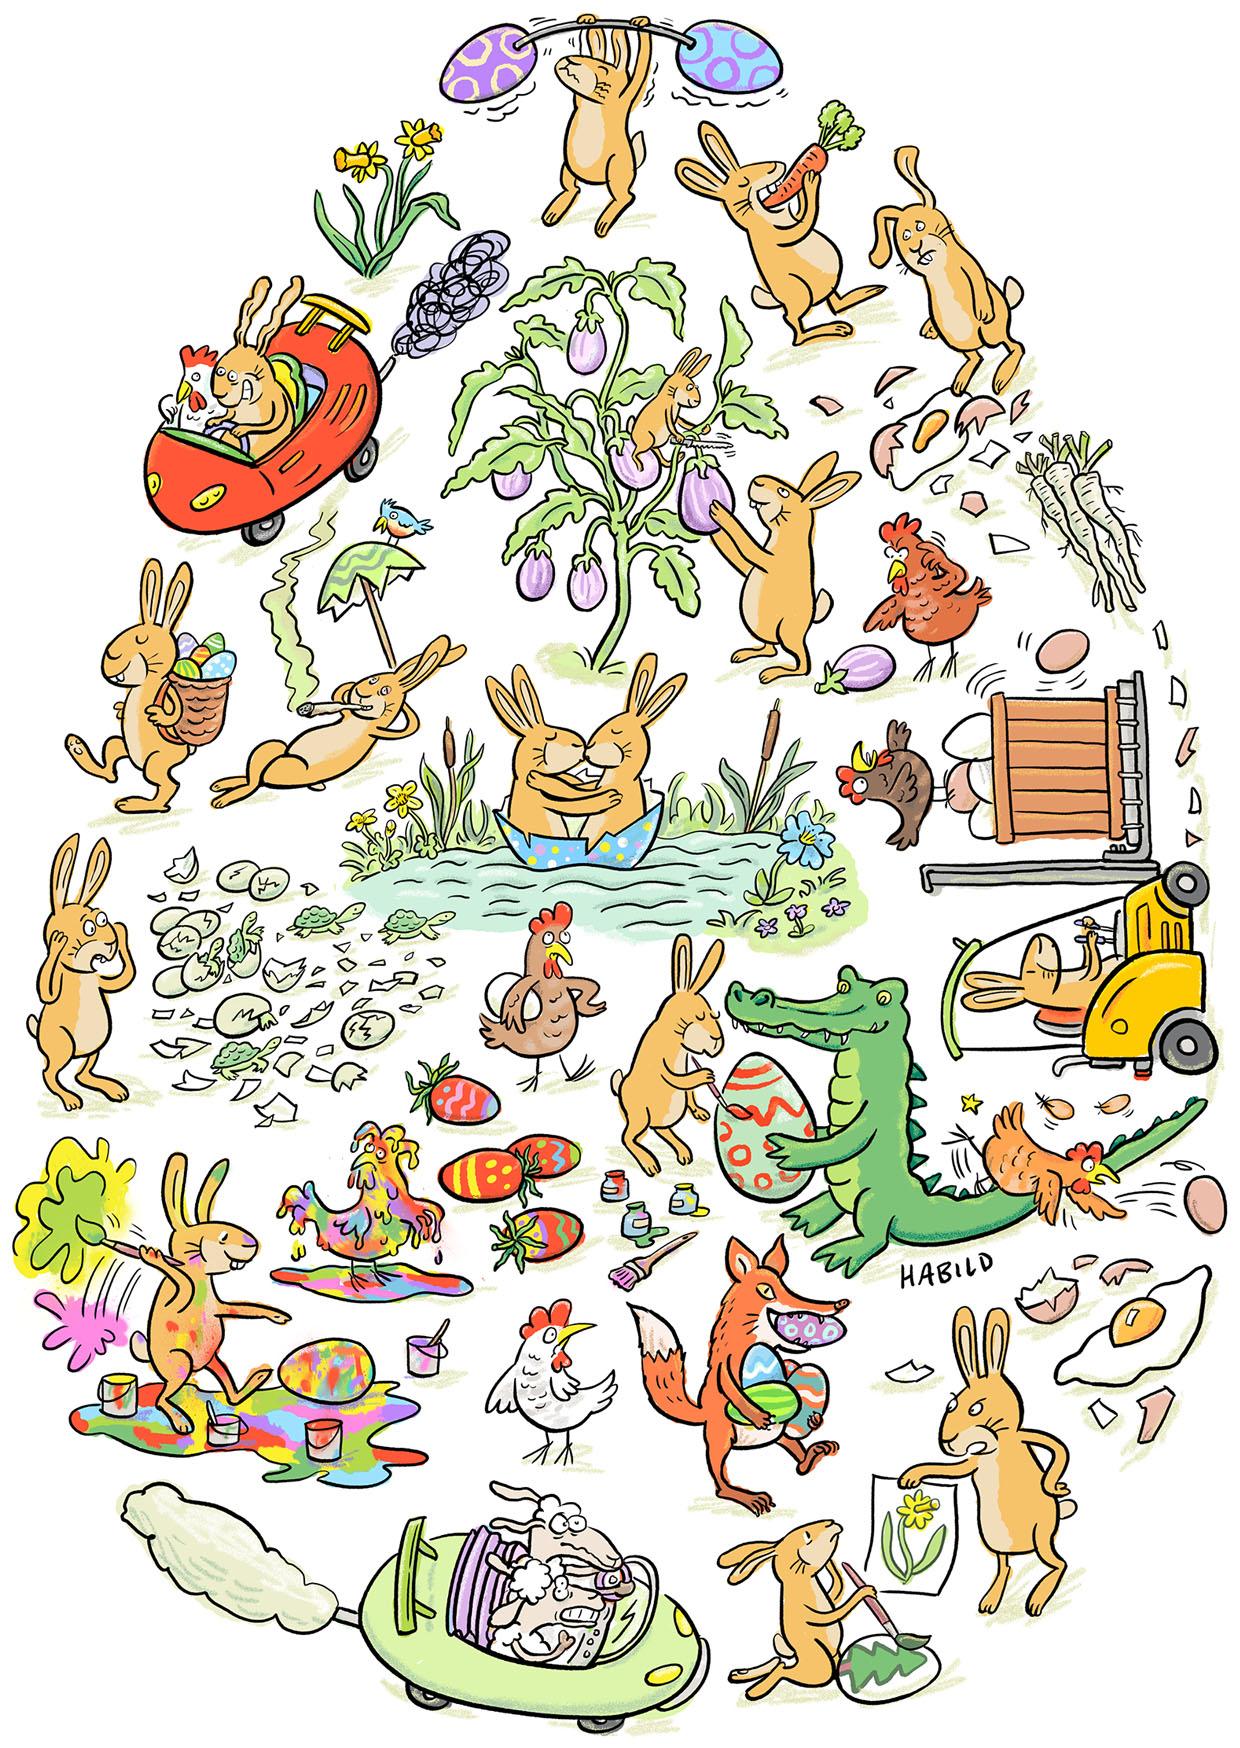 Ostern, Hase, Osterhase, Eier, Osterei, Hühner, Hennen, Lamm, Osterlamm, Bemalen